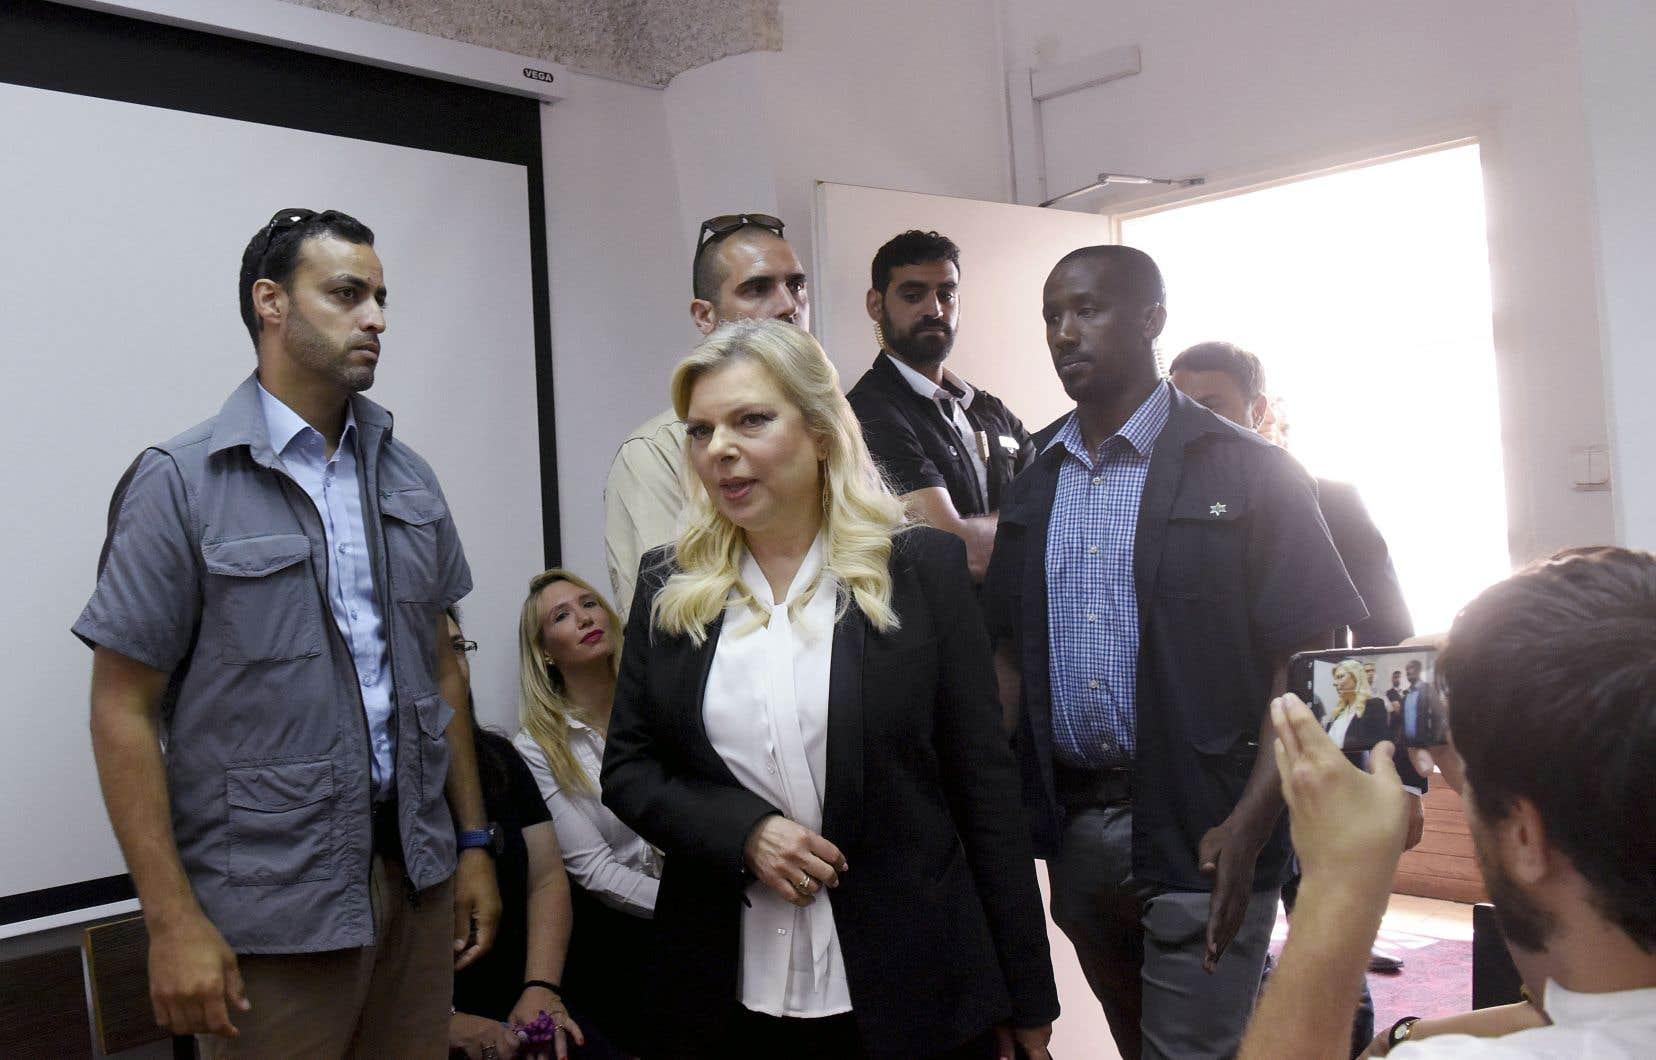 L'épouse du premier ministre israélien, Sara Nétanyahou, est depuis longtemps la cible d'accusations de malversations financières et de corruption.